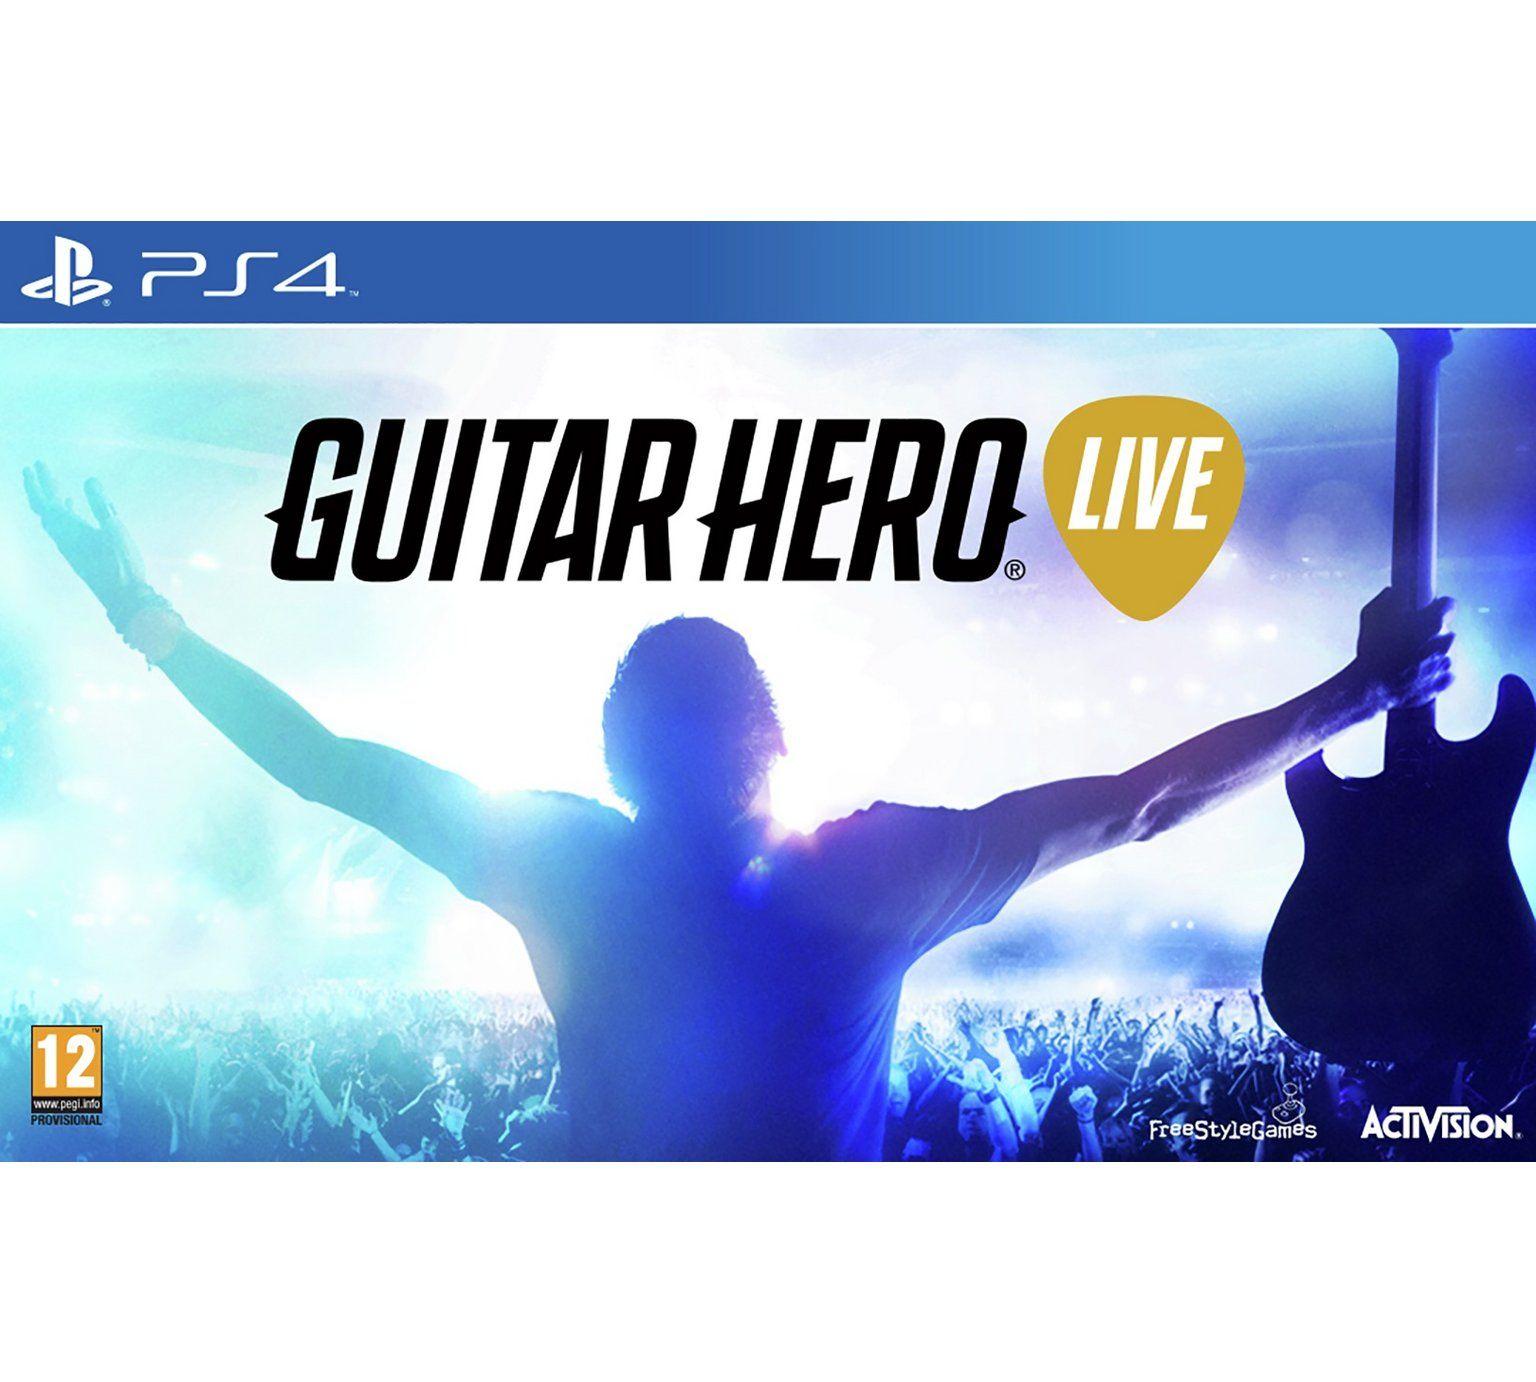 Guitar Hero Live - PlayStation 4 £13.99 at Argos